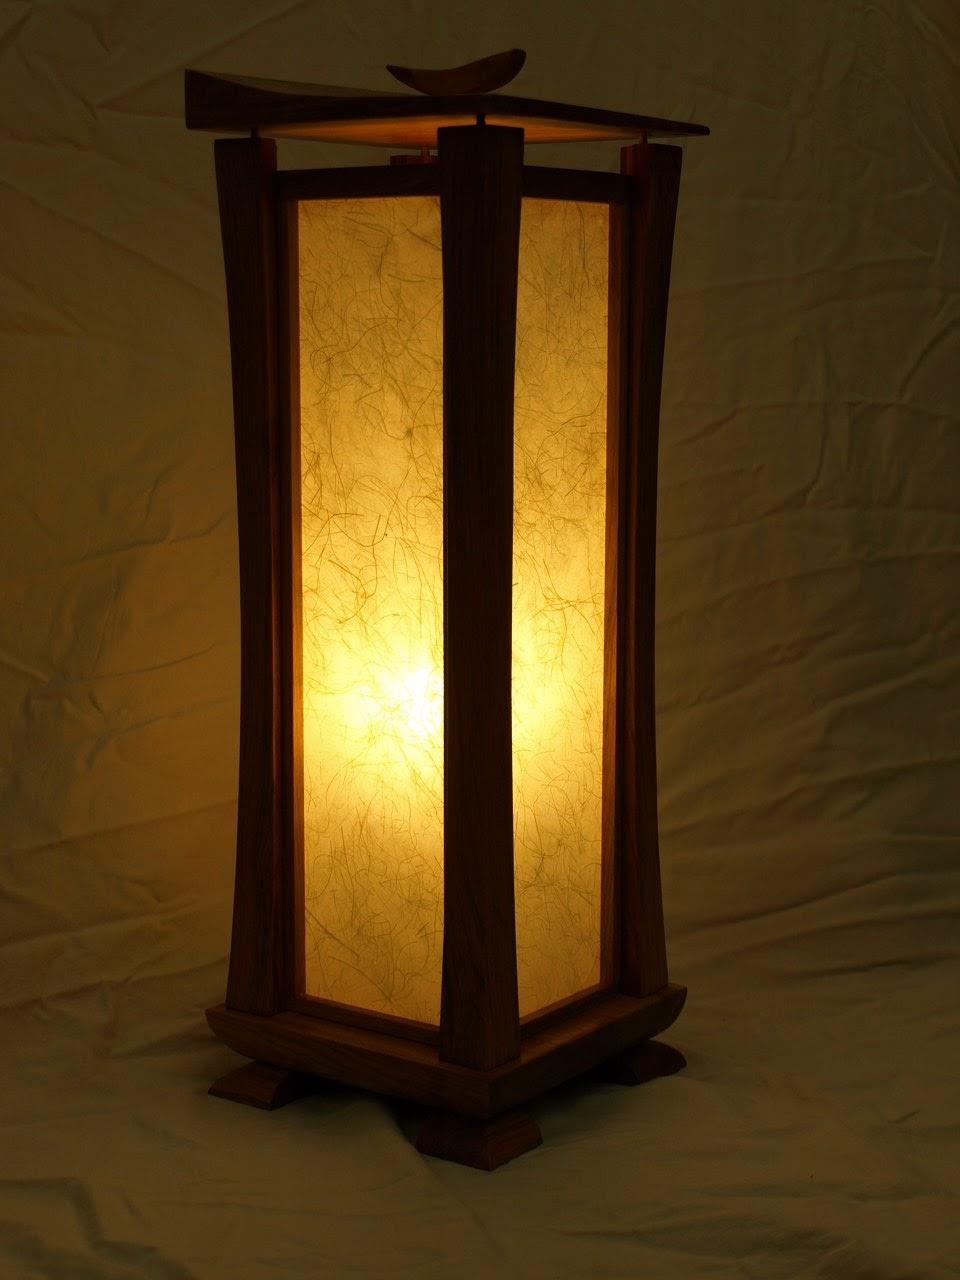 Taylor Benchworks Shoji Lamps Finished